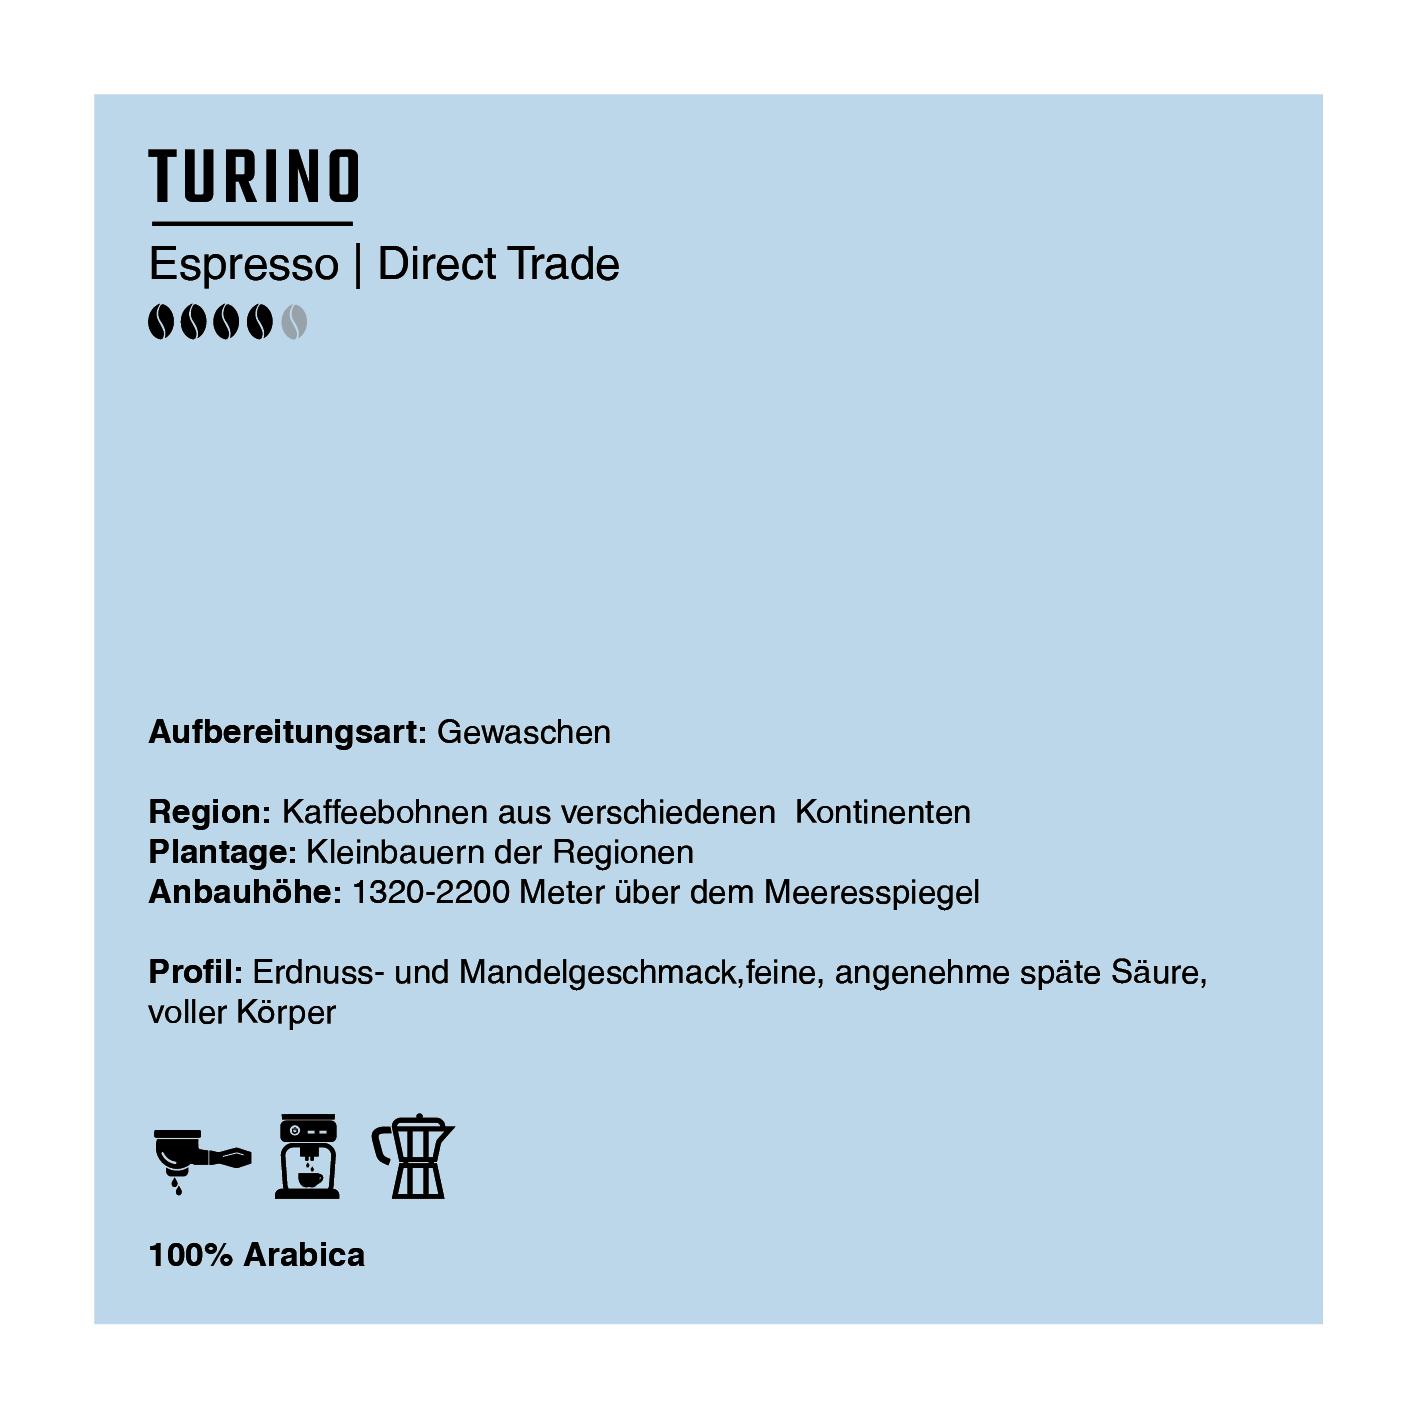 Turino_Espresso